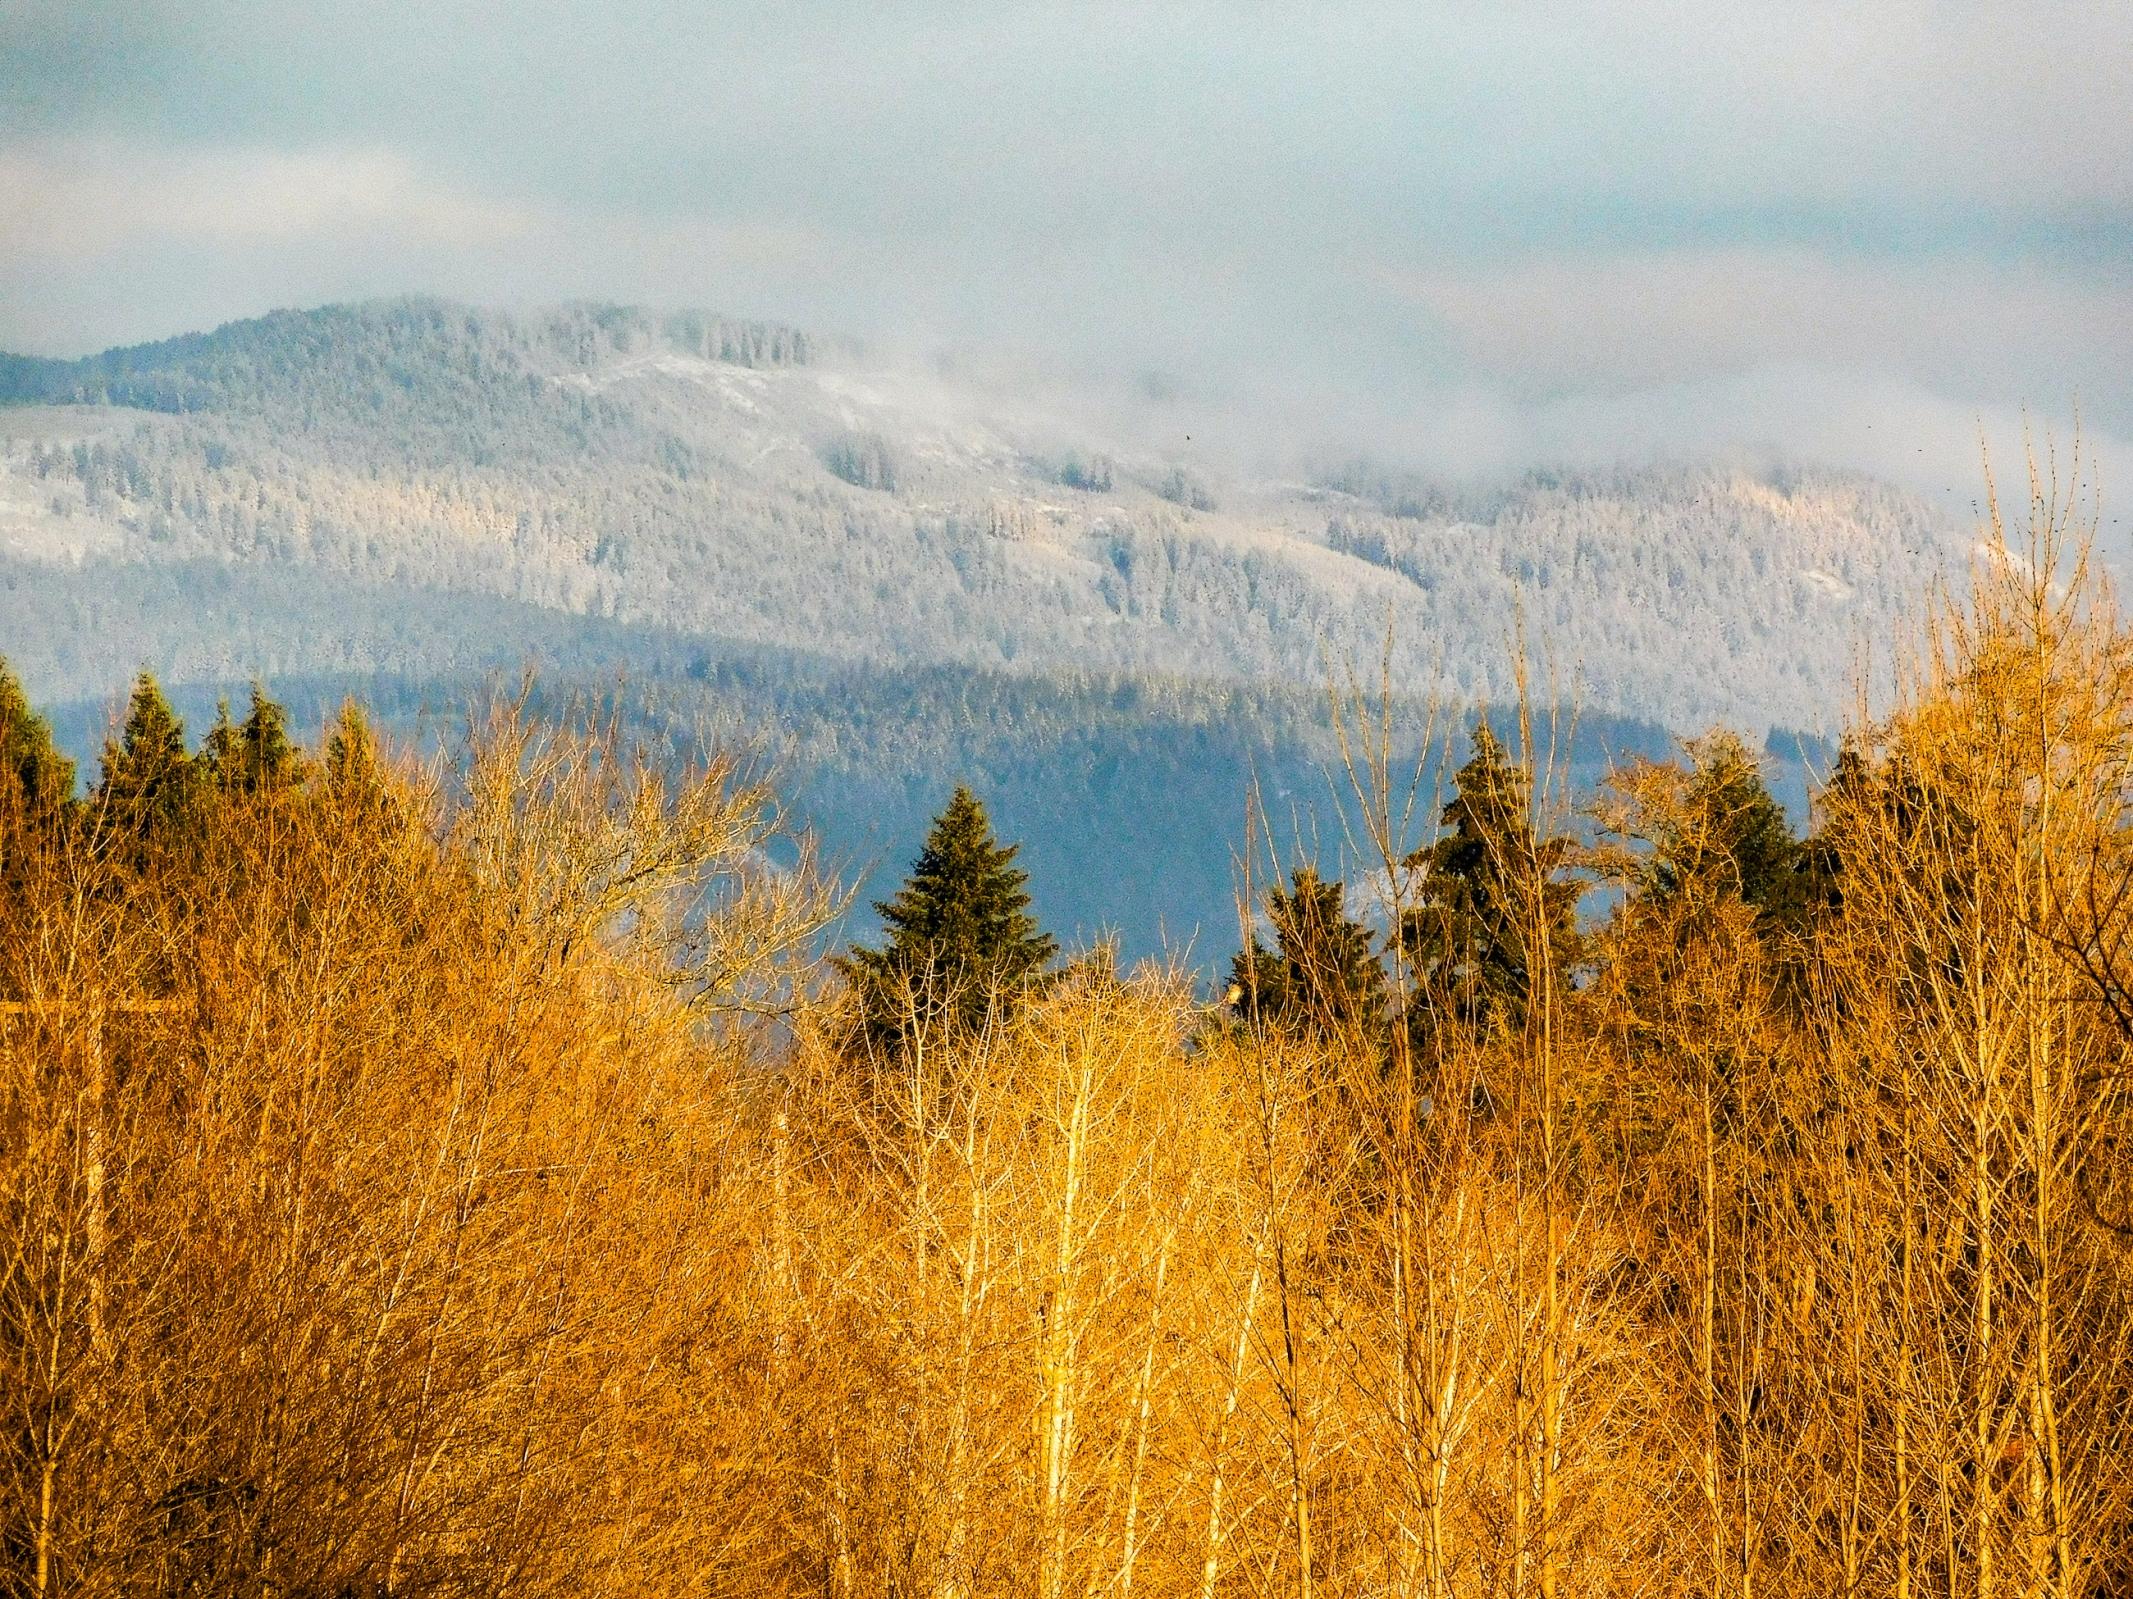 Silver Star Mountain / Vancouver, Washington